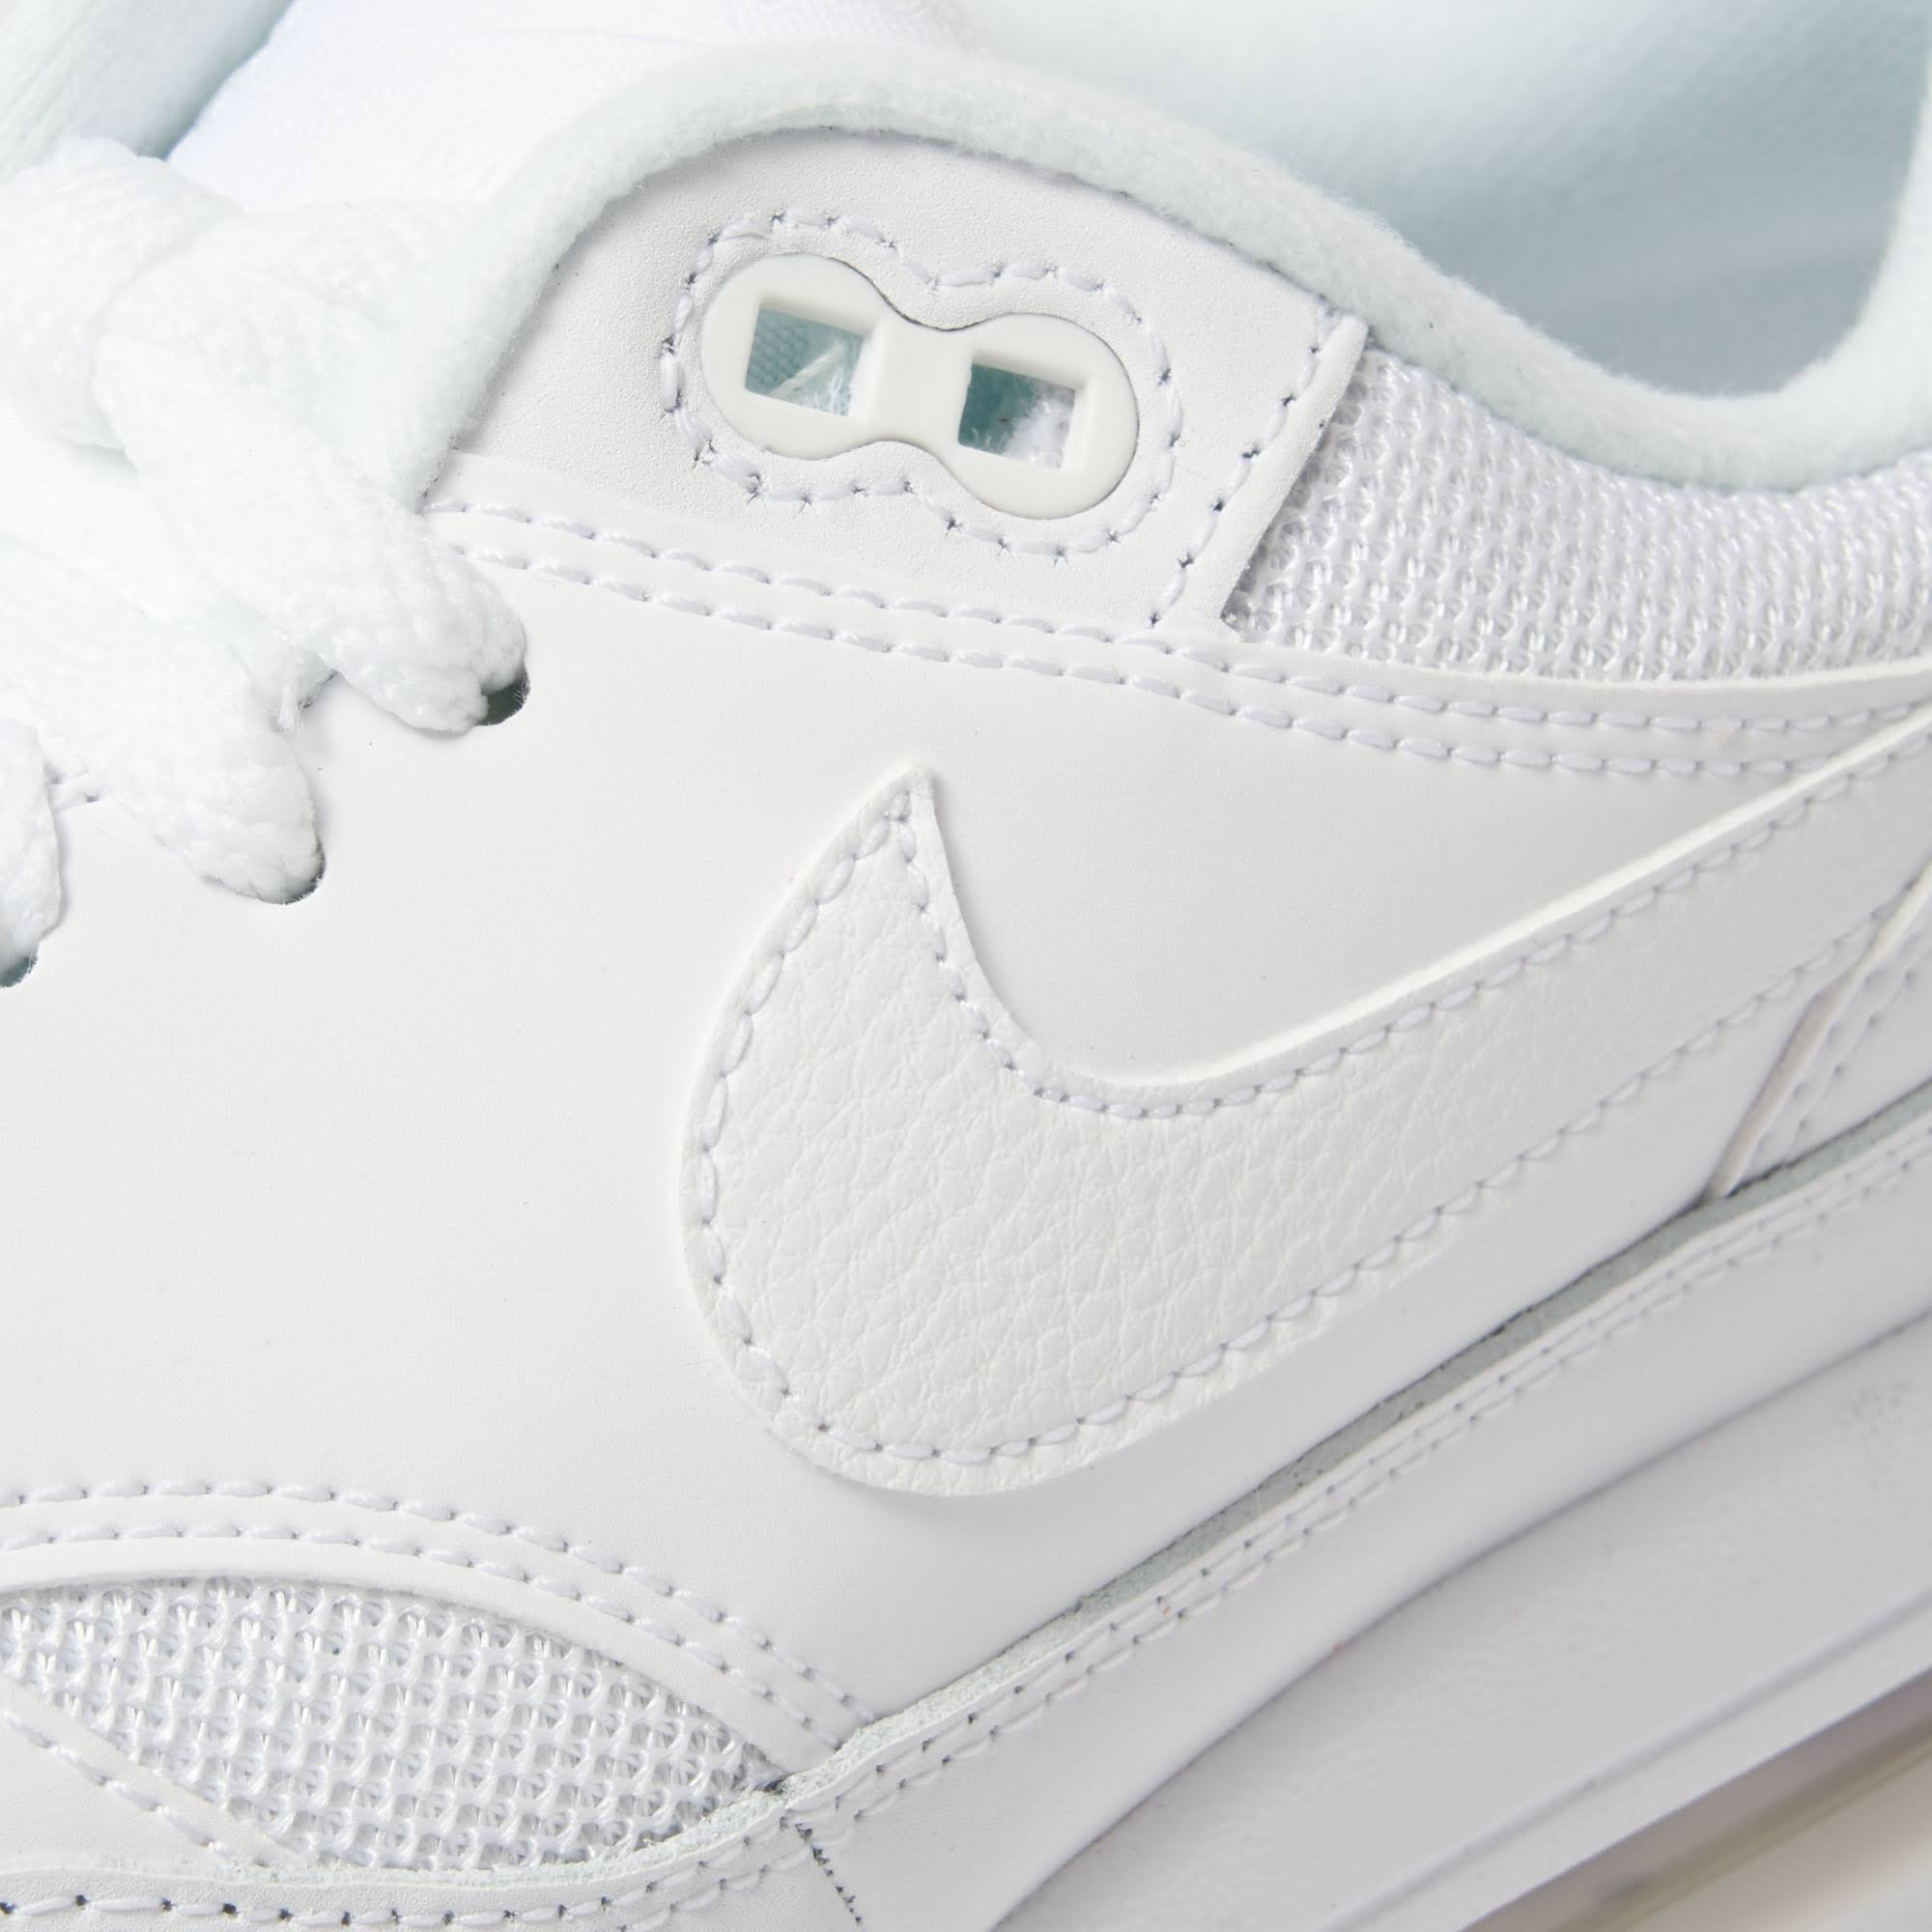 Marrón Nike Y Air Max Goma Medio Blanco 1 Color Ah8145 109 Blanco Siz xqOwYq64B